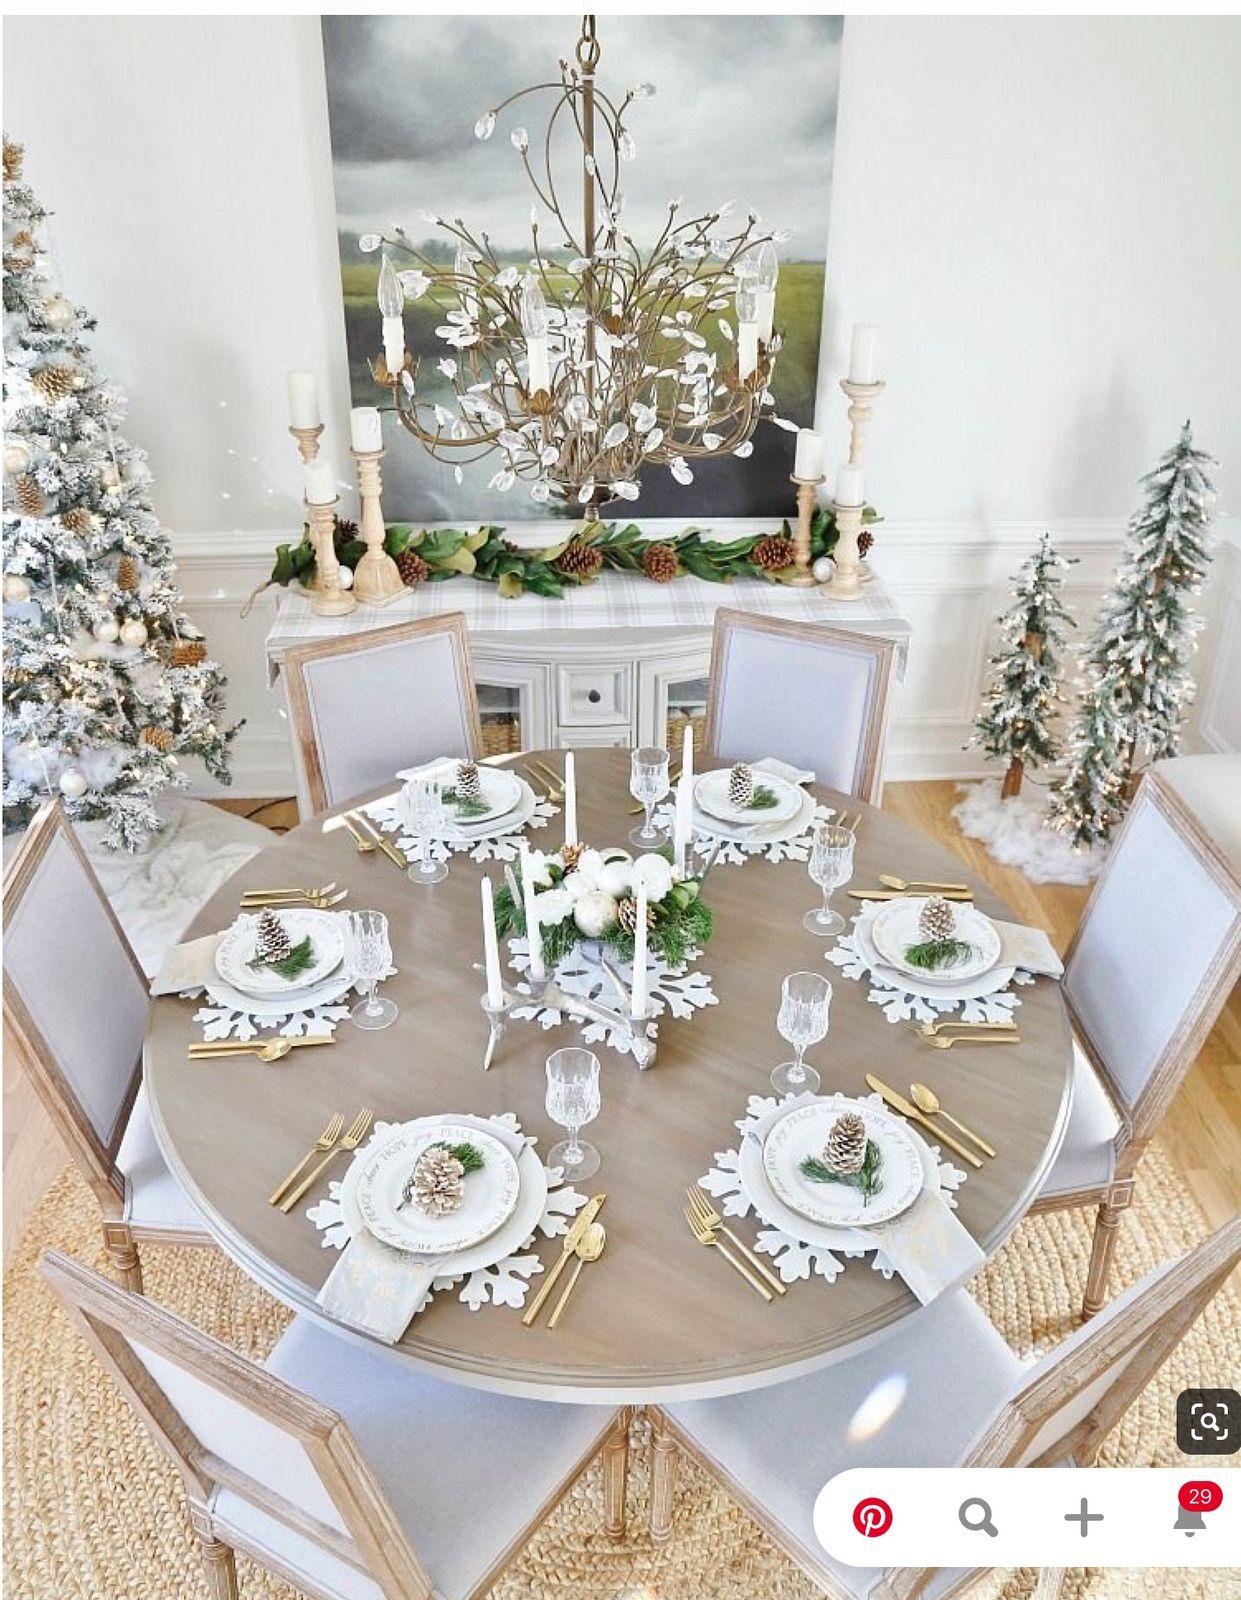 Faire une table de Noël, glamour en blanc et or